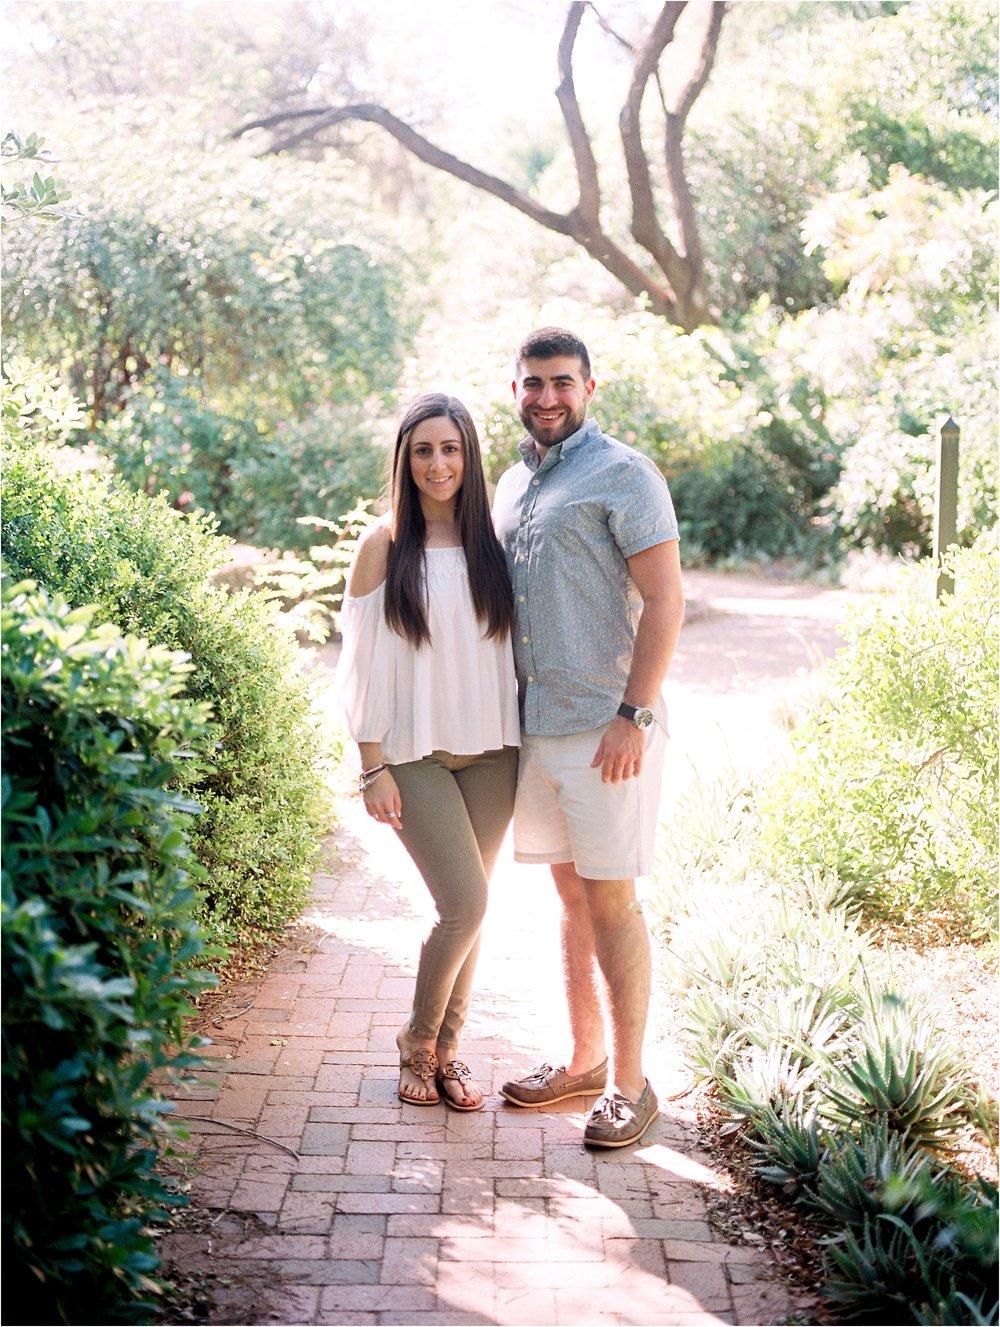 Sarah Jane Photography Film Hybrid Scottsdale Phoenix Arizona Destination Wedding Photographer Denise and Chase Engagement_0007.jpg